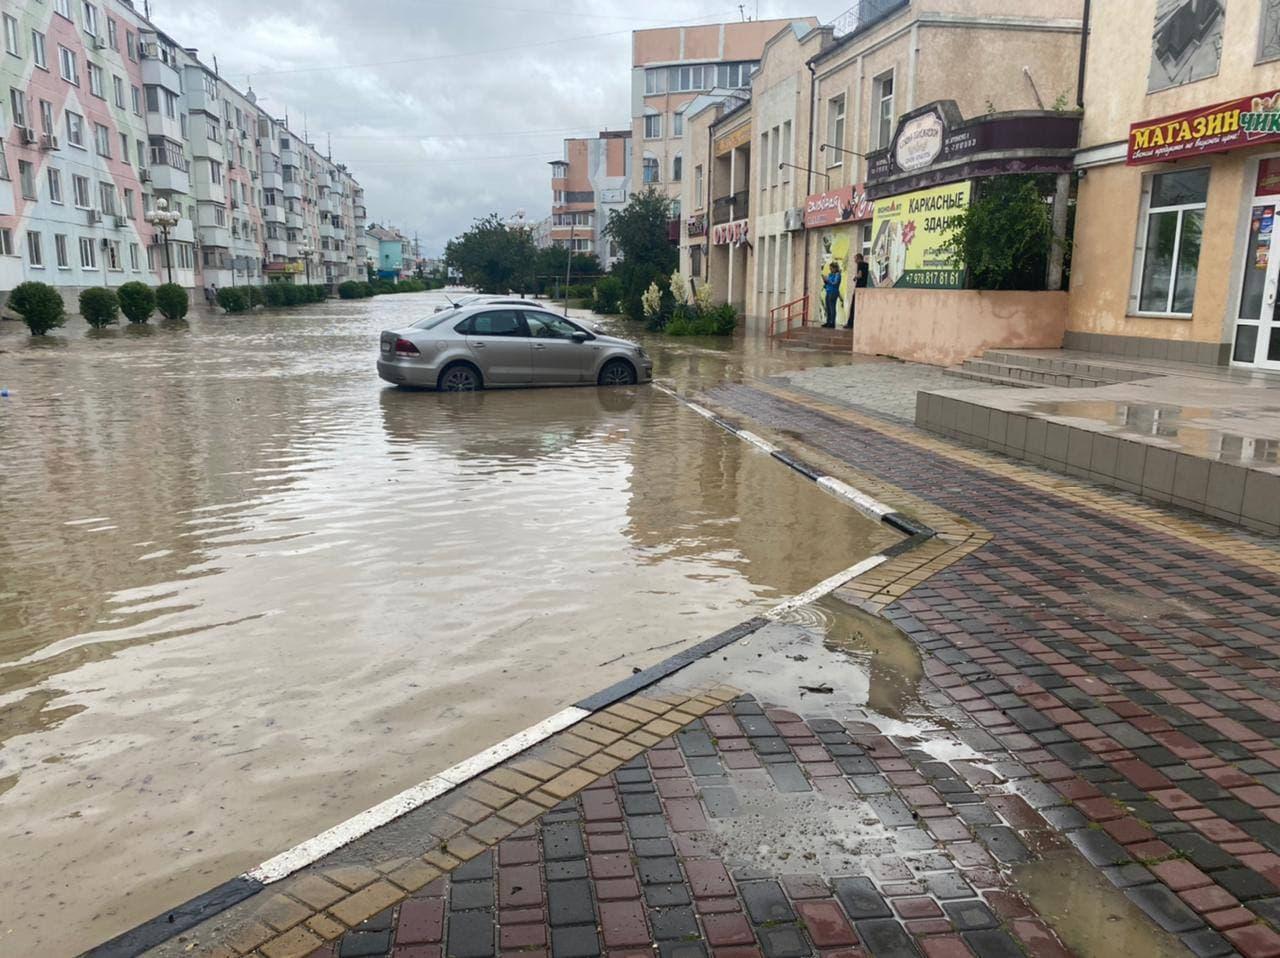 В Керчи остаются подтопленными 162 придомовых территории